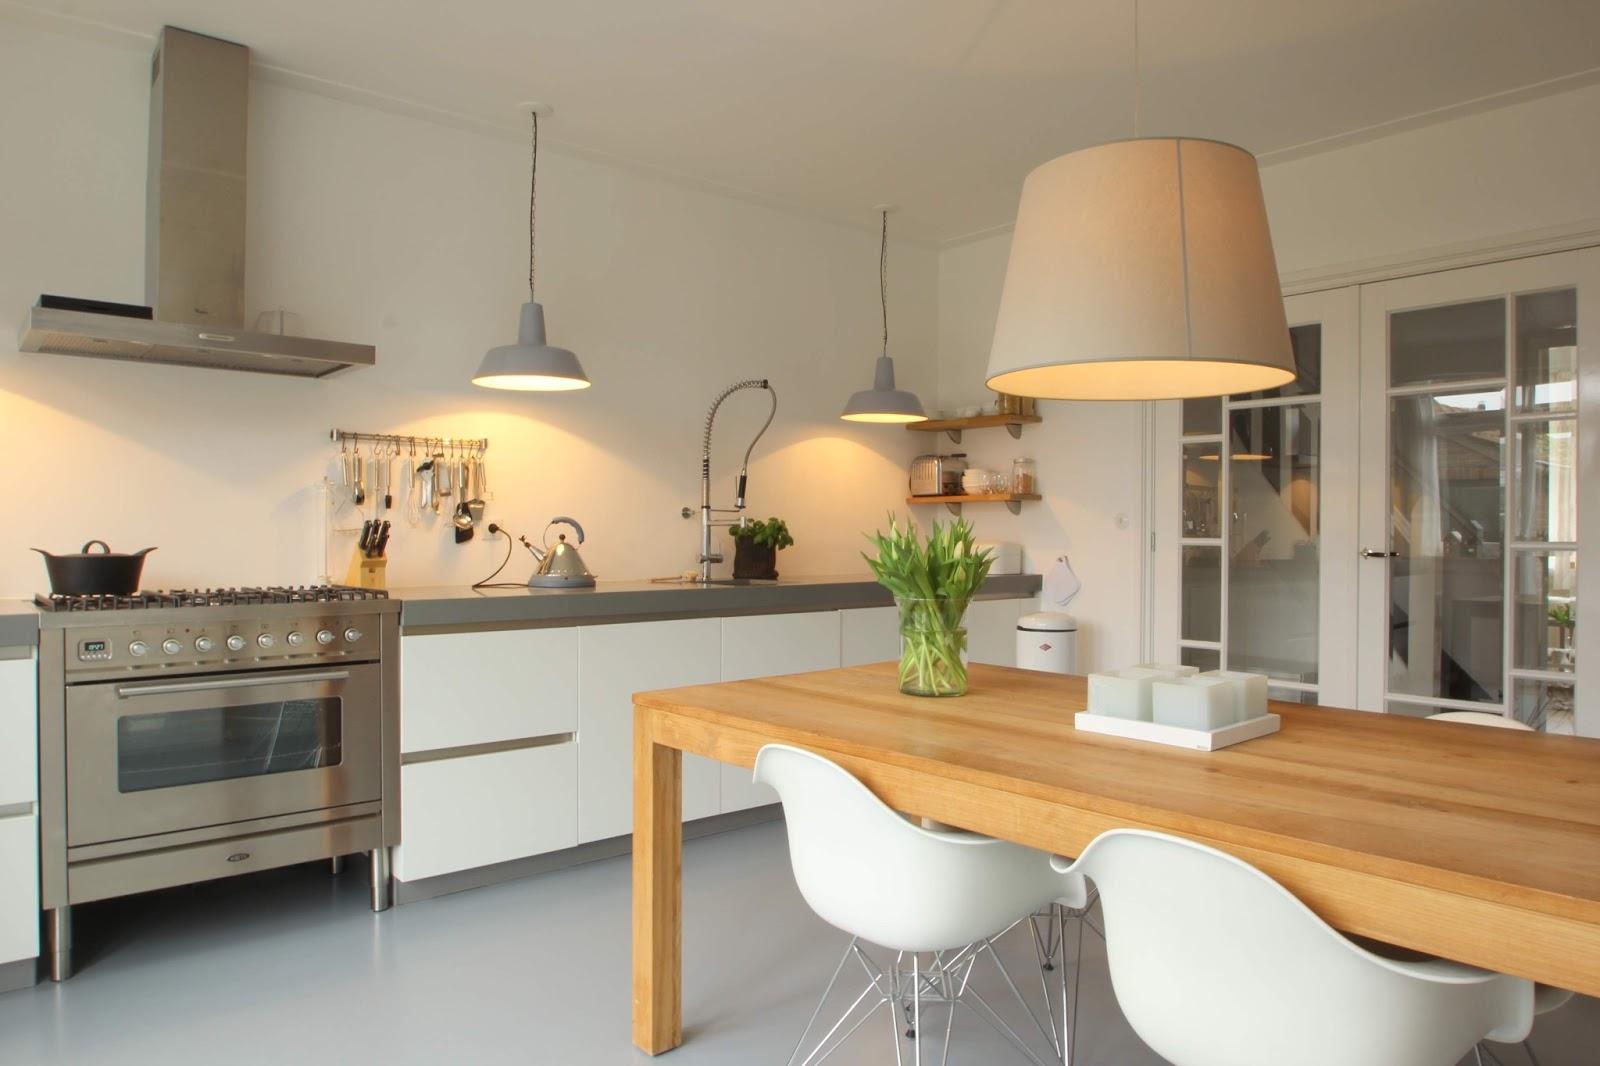 Aanbouw Open Keuken : Open keuken jaren woning gallery of interieur voorbeelden